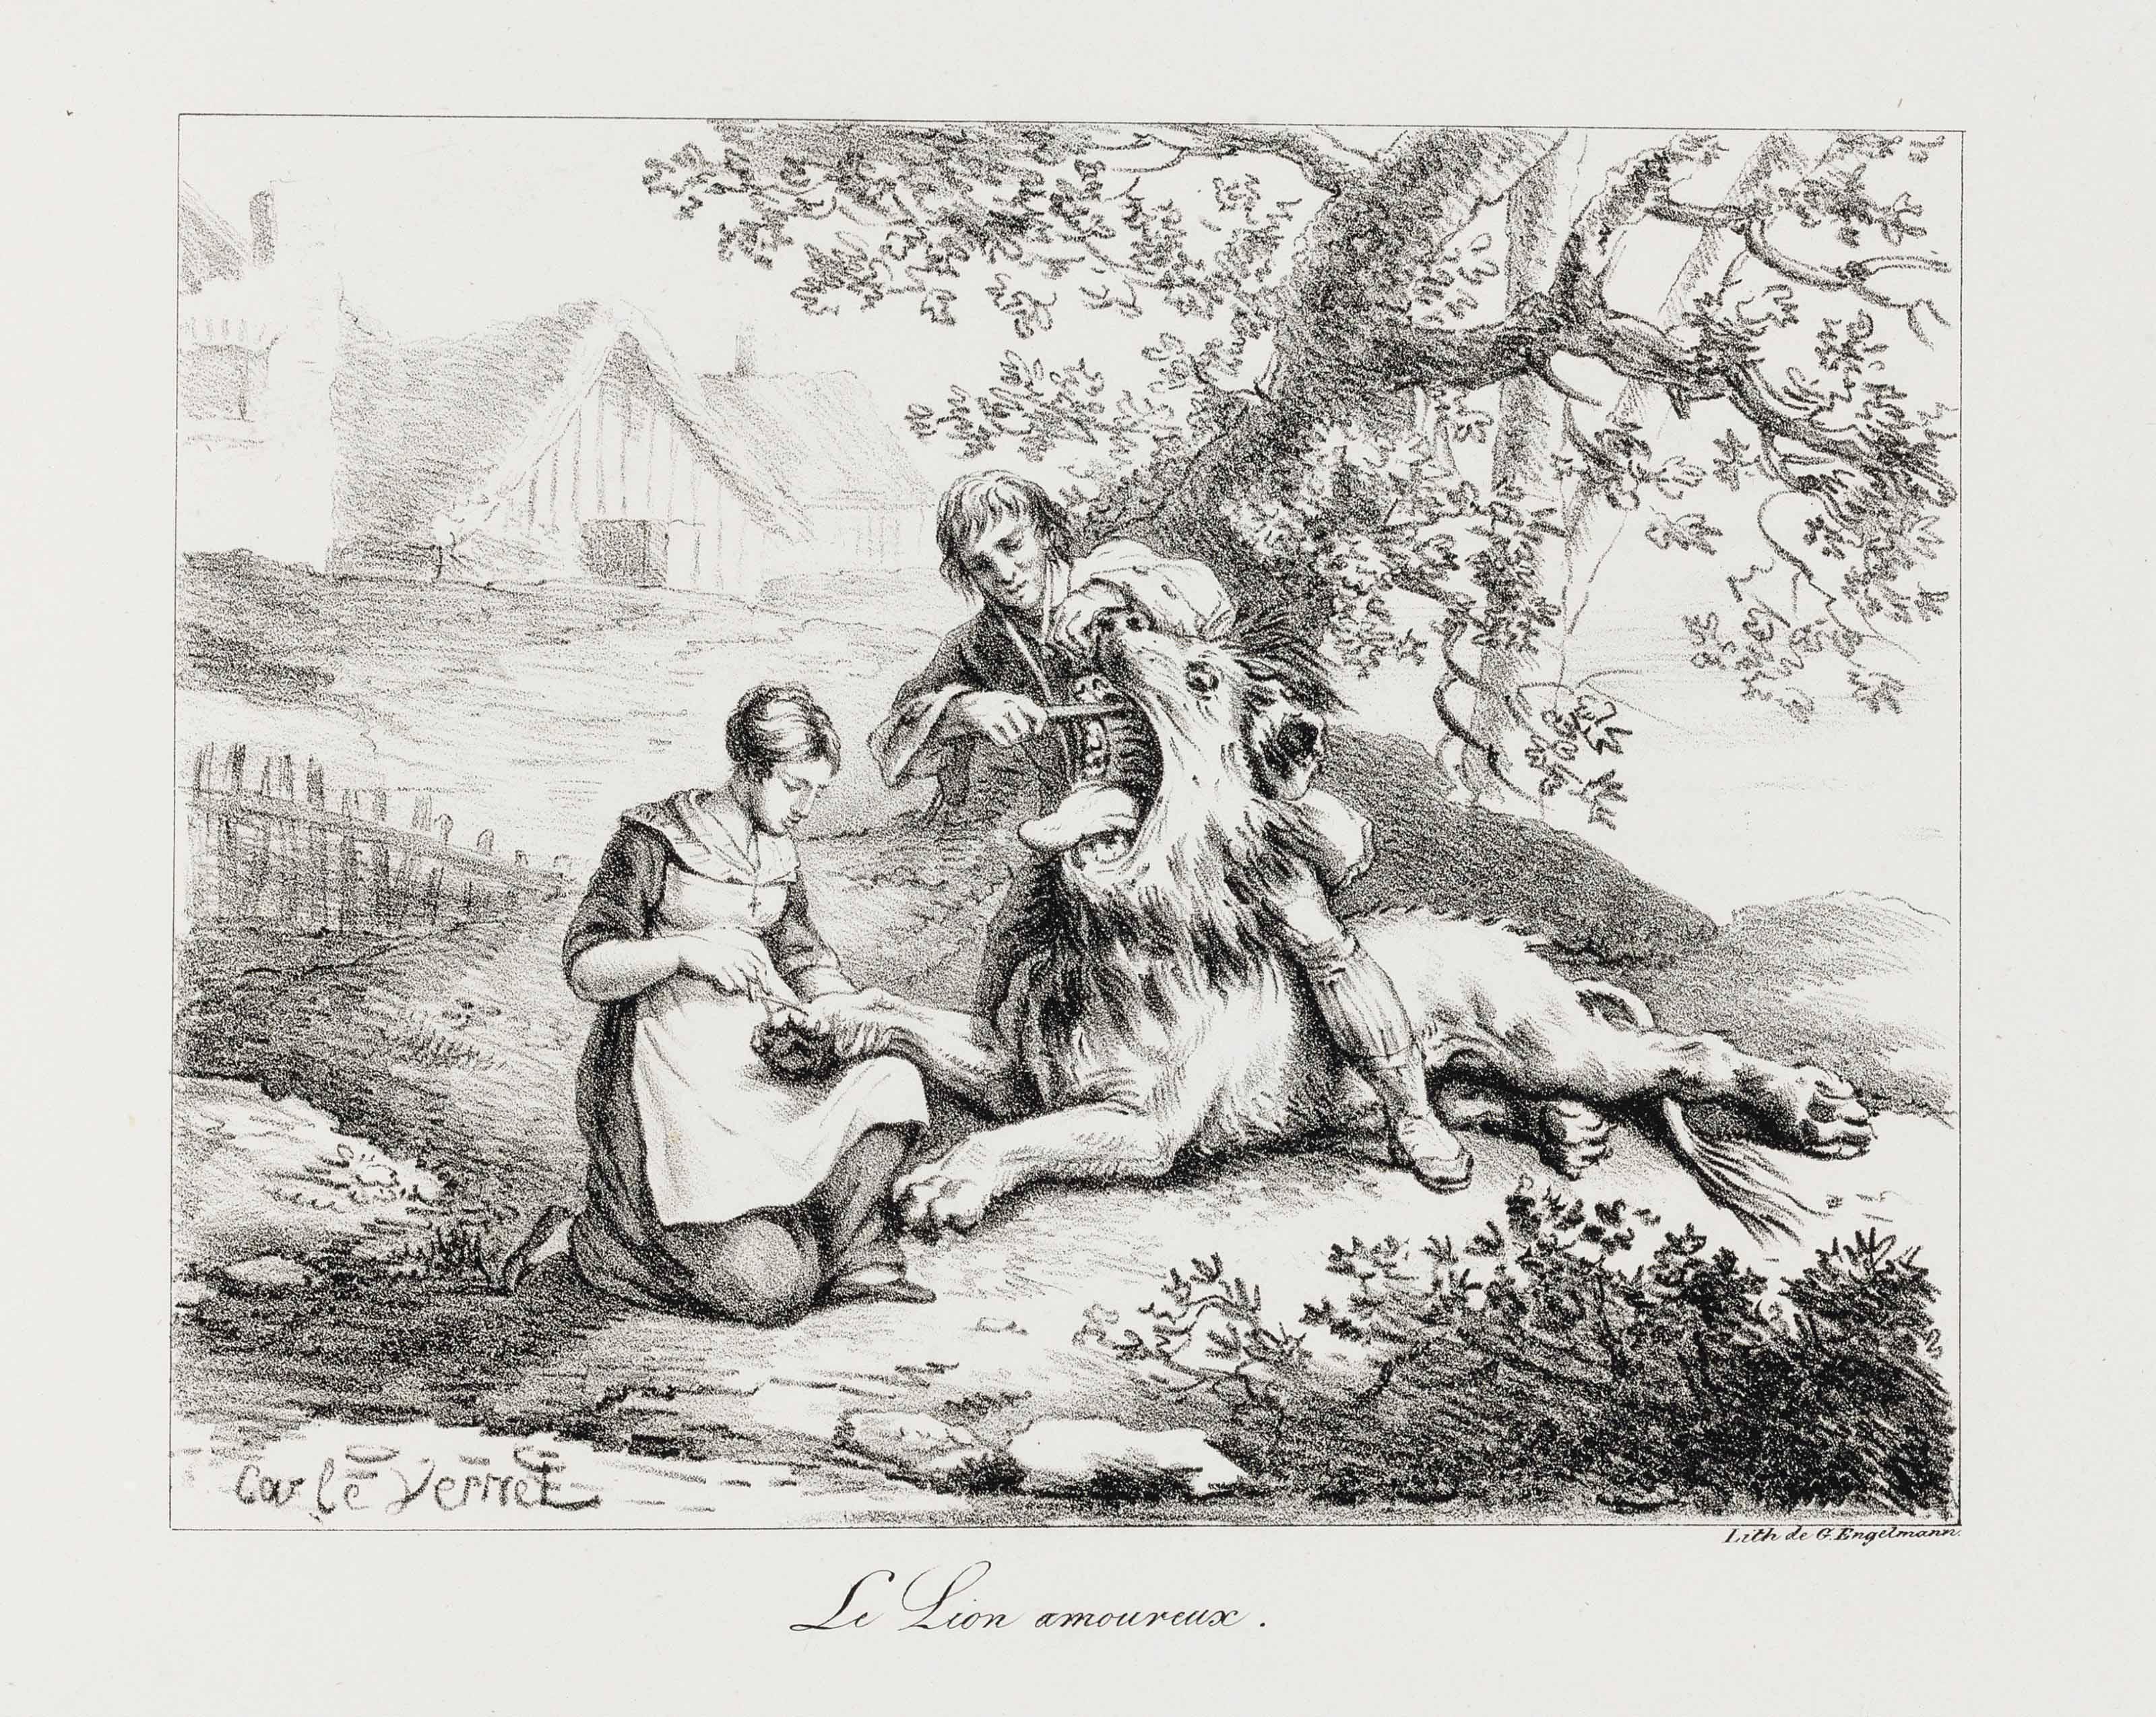 LA FONTAINE, Jean de (1621-1695). Fables Choisies… ornées de figures lithographiques. Paris: Engelmann, 1818.